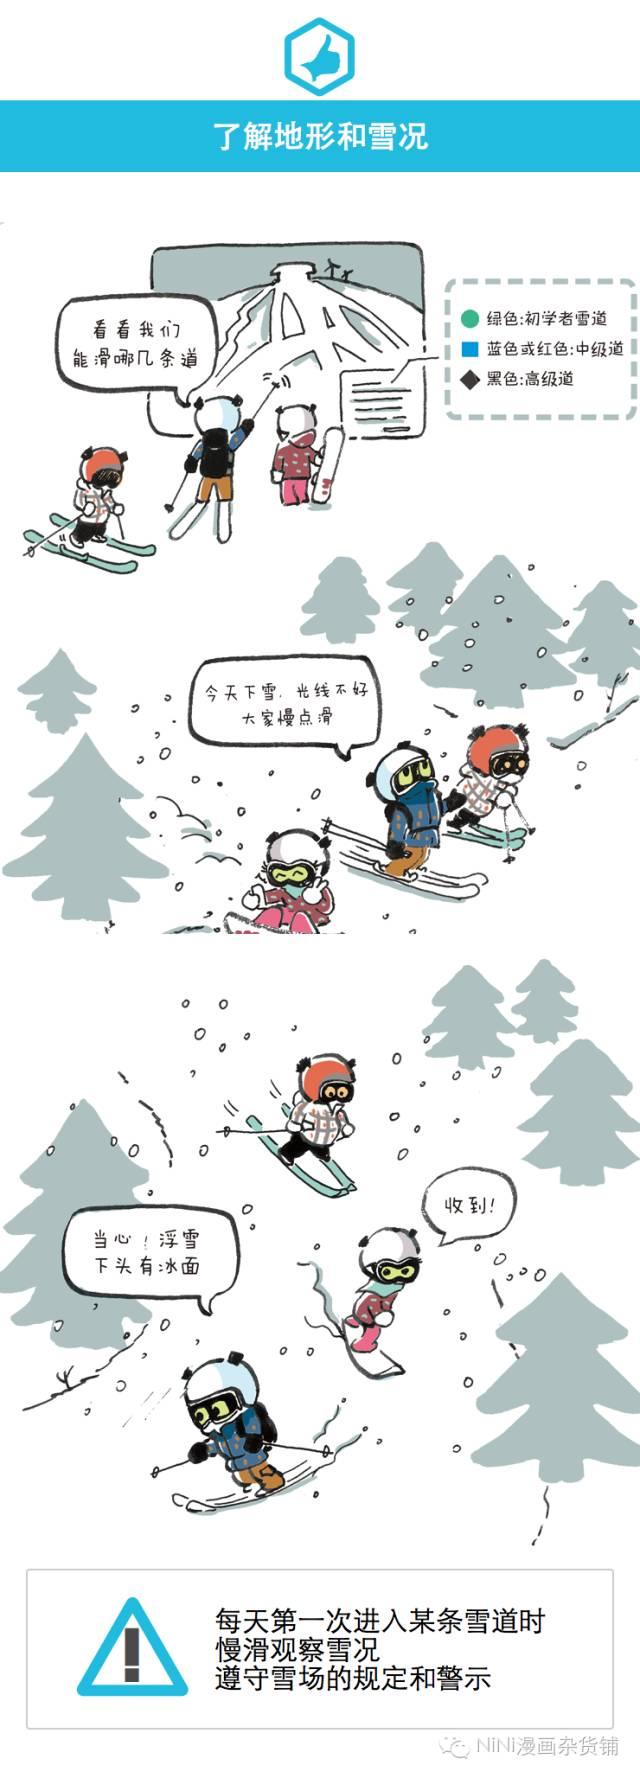 【漫画】漫画版|v漫画a漫画守则,小狗钱钱漫画版色情莉萝组图图片